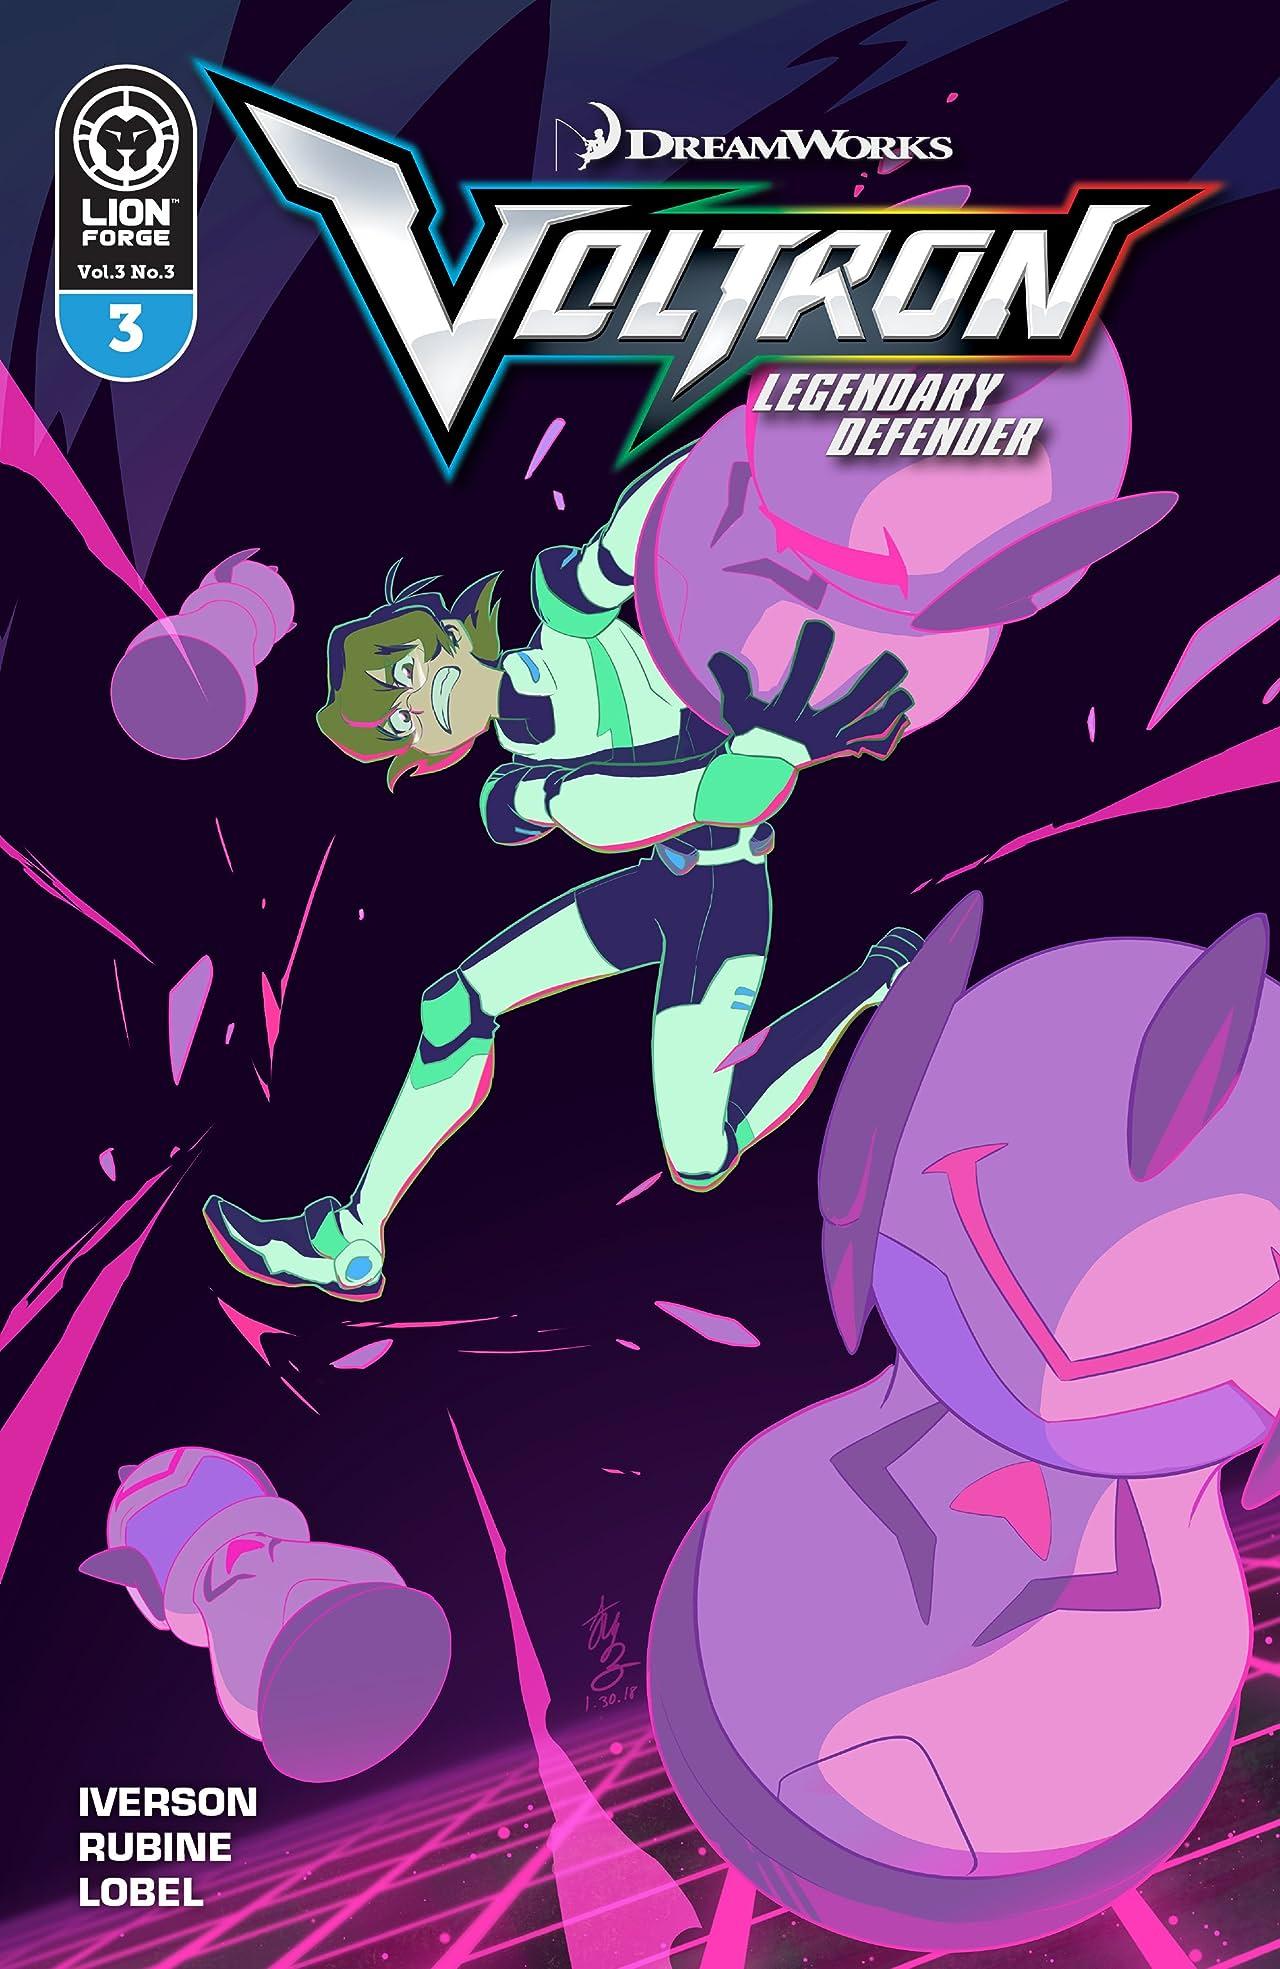 Voltron Legendary Defender Vol. 3 #3